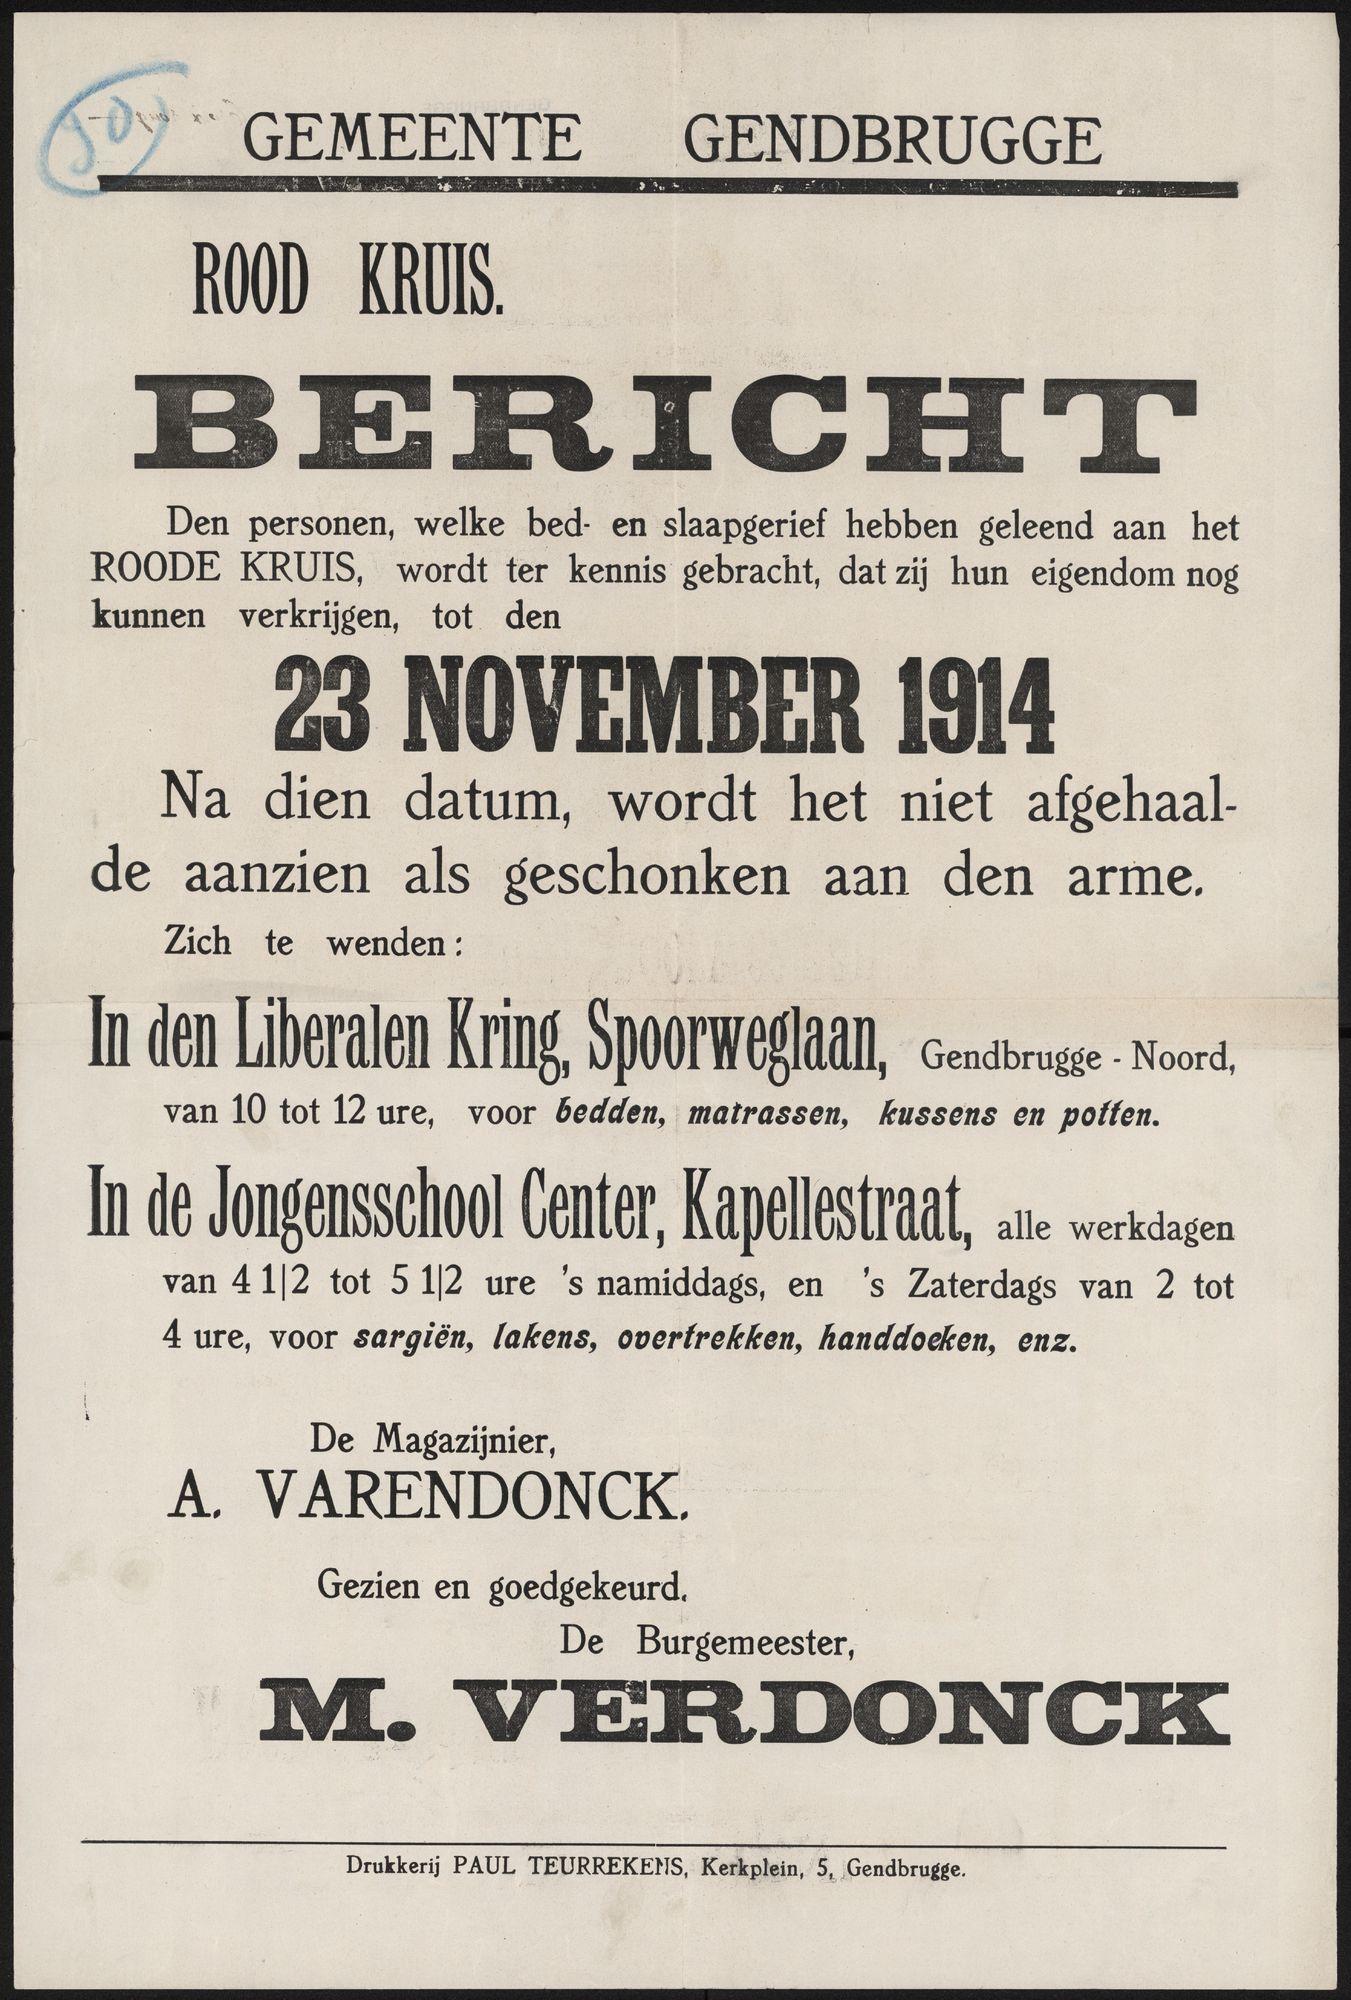 Gemeente Gendbrugge, Rood Kruis, Bericht.